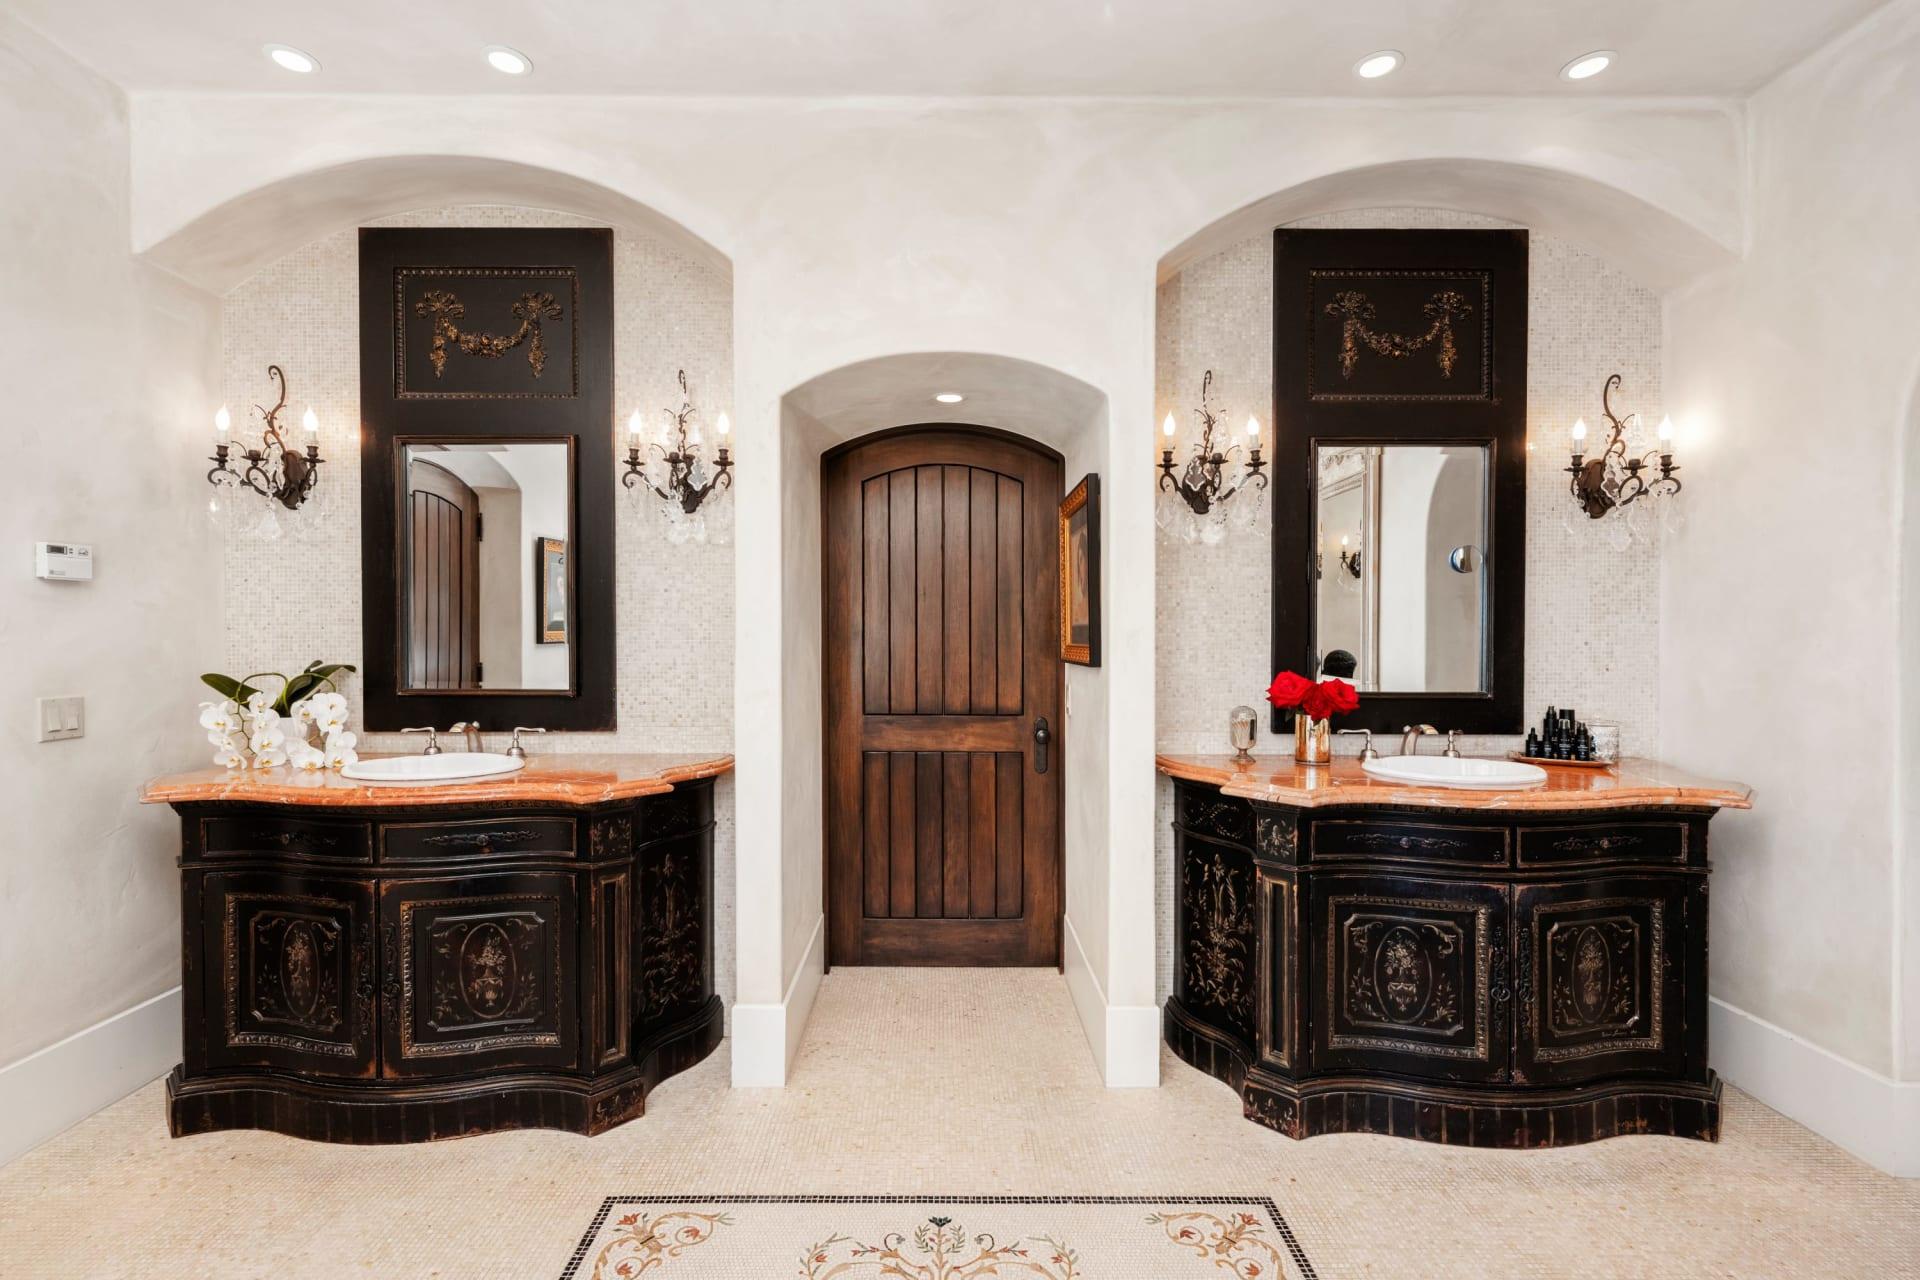 Montecito Real Estate-Appraisal Gaps